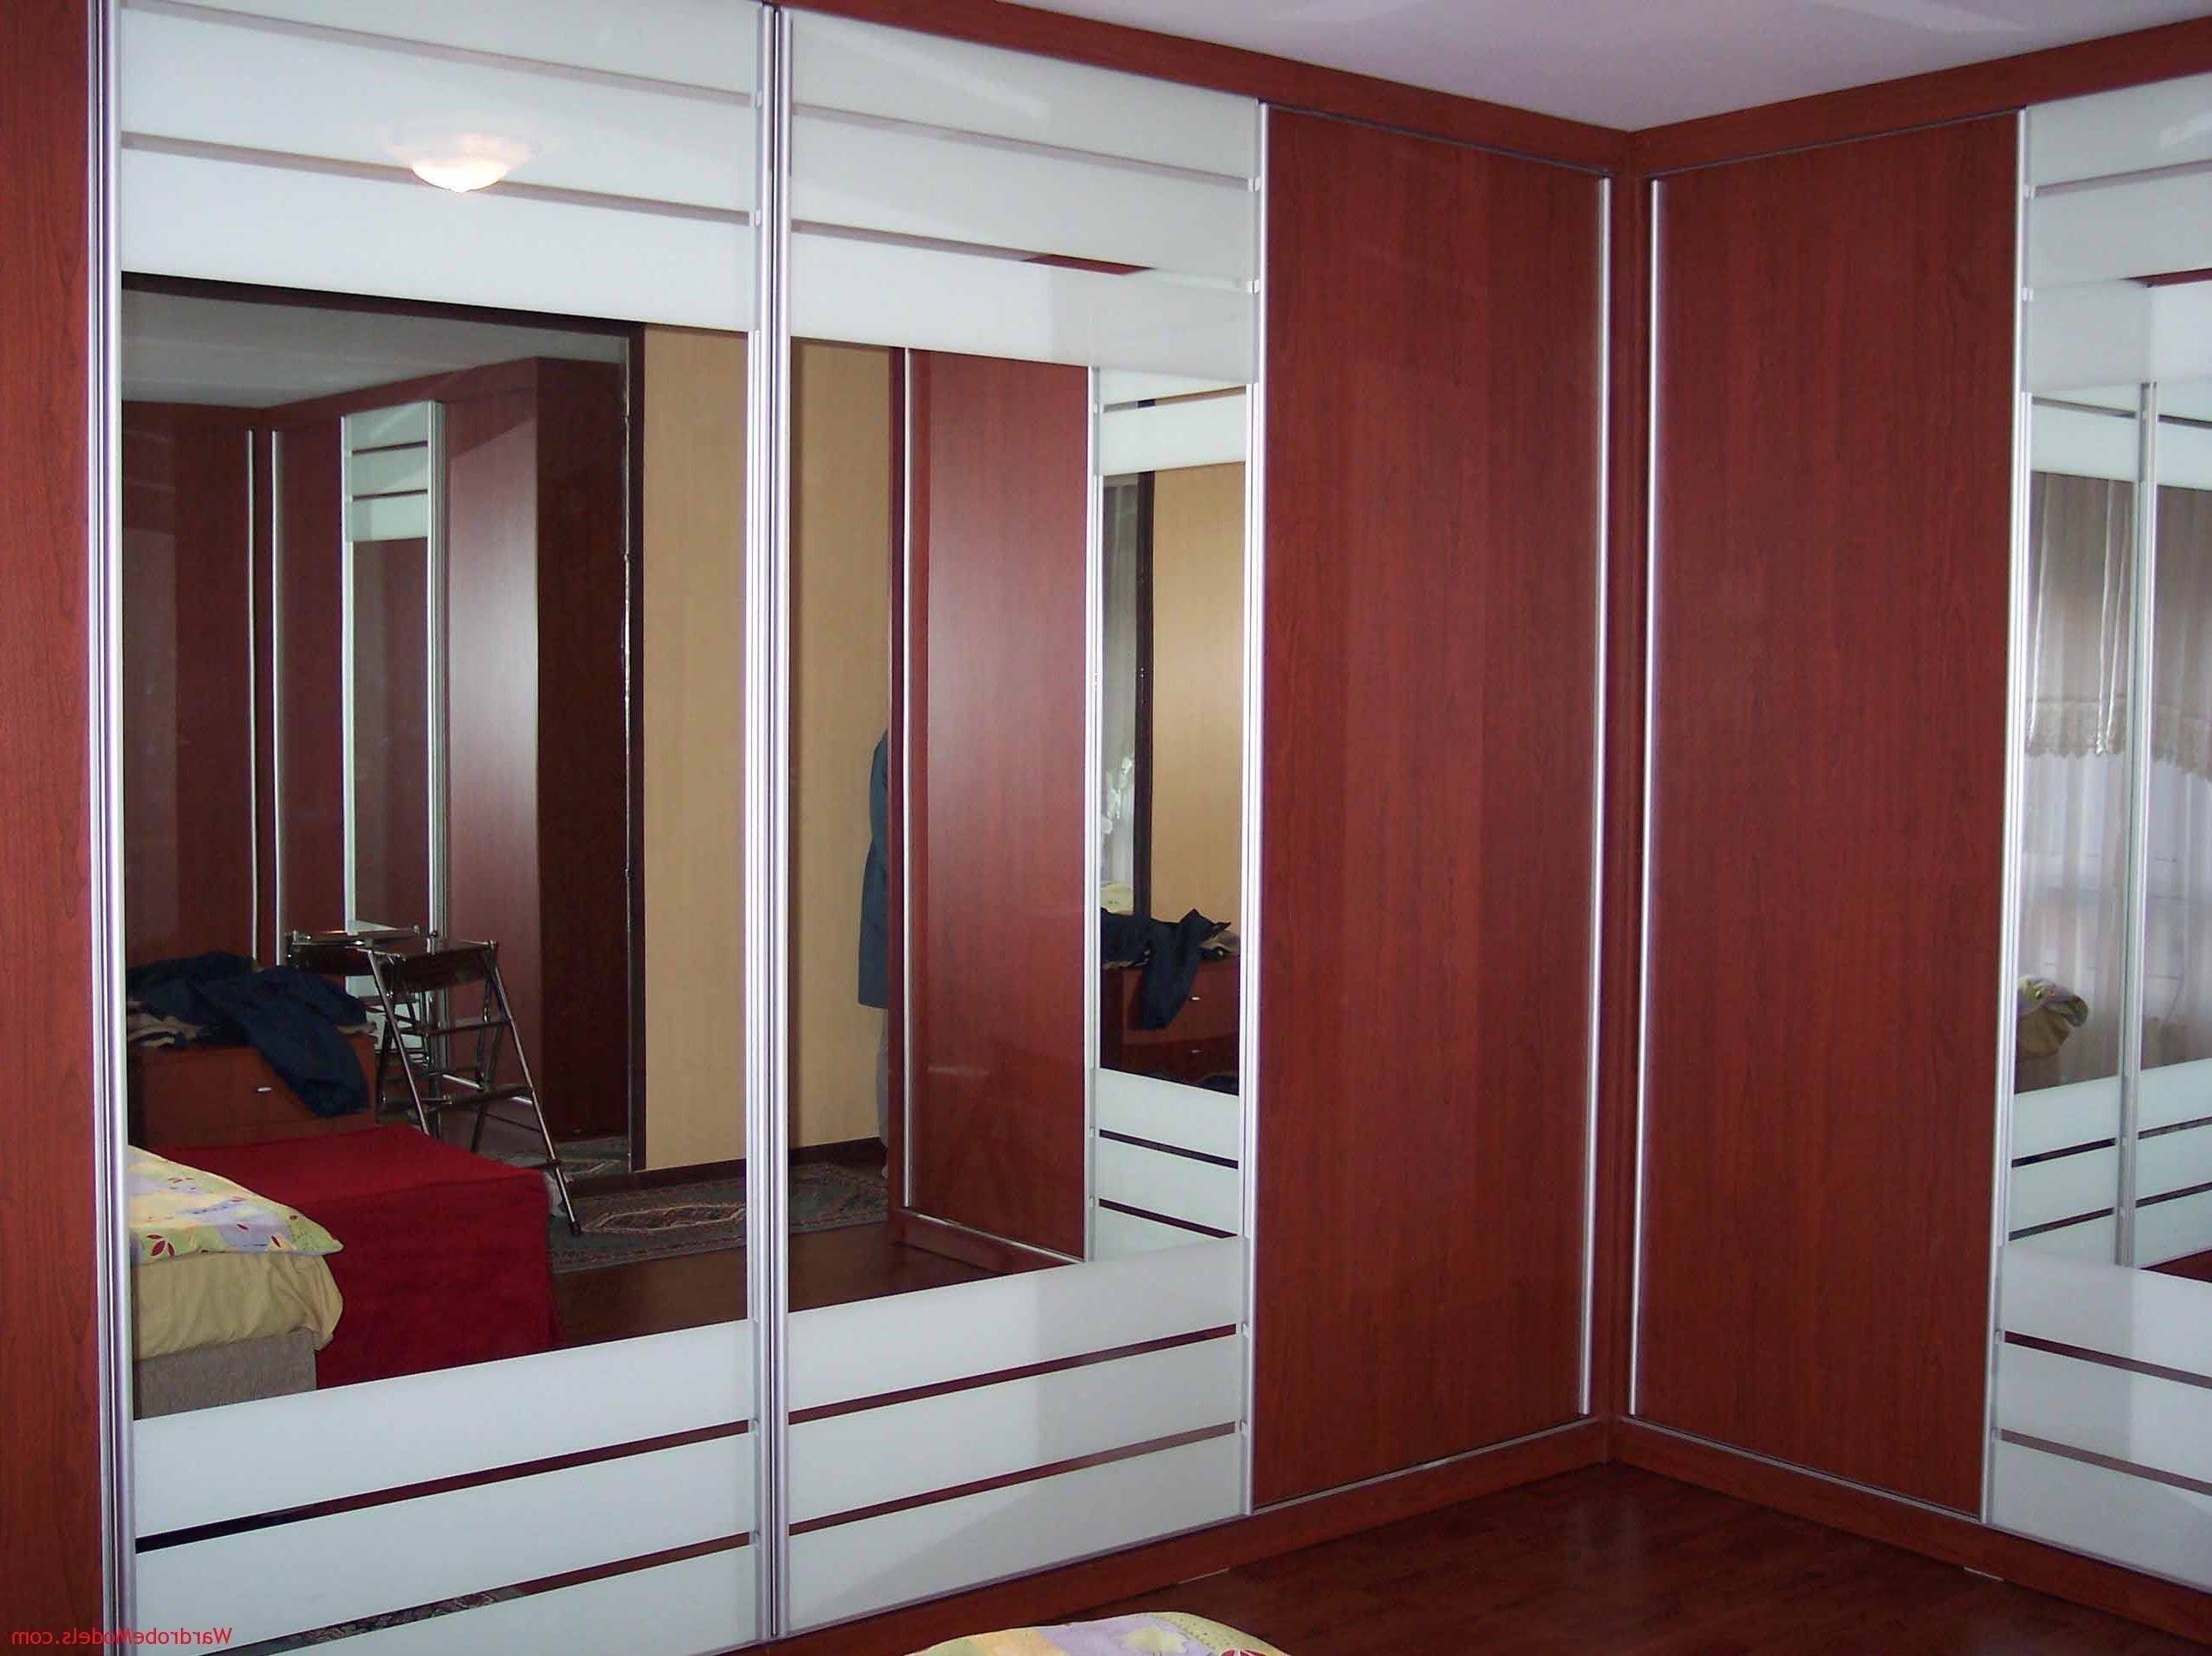 Kleiderschrank Interior Design Schrank Designs Fur Die